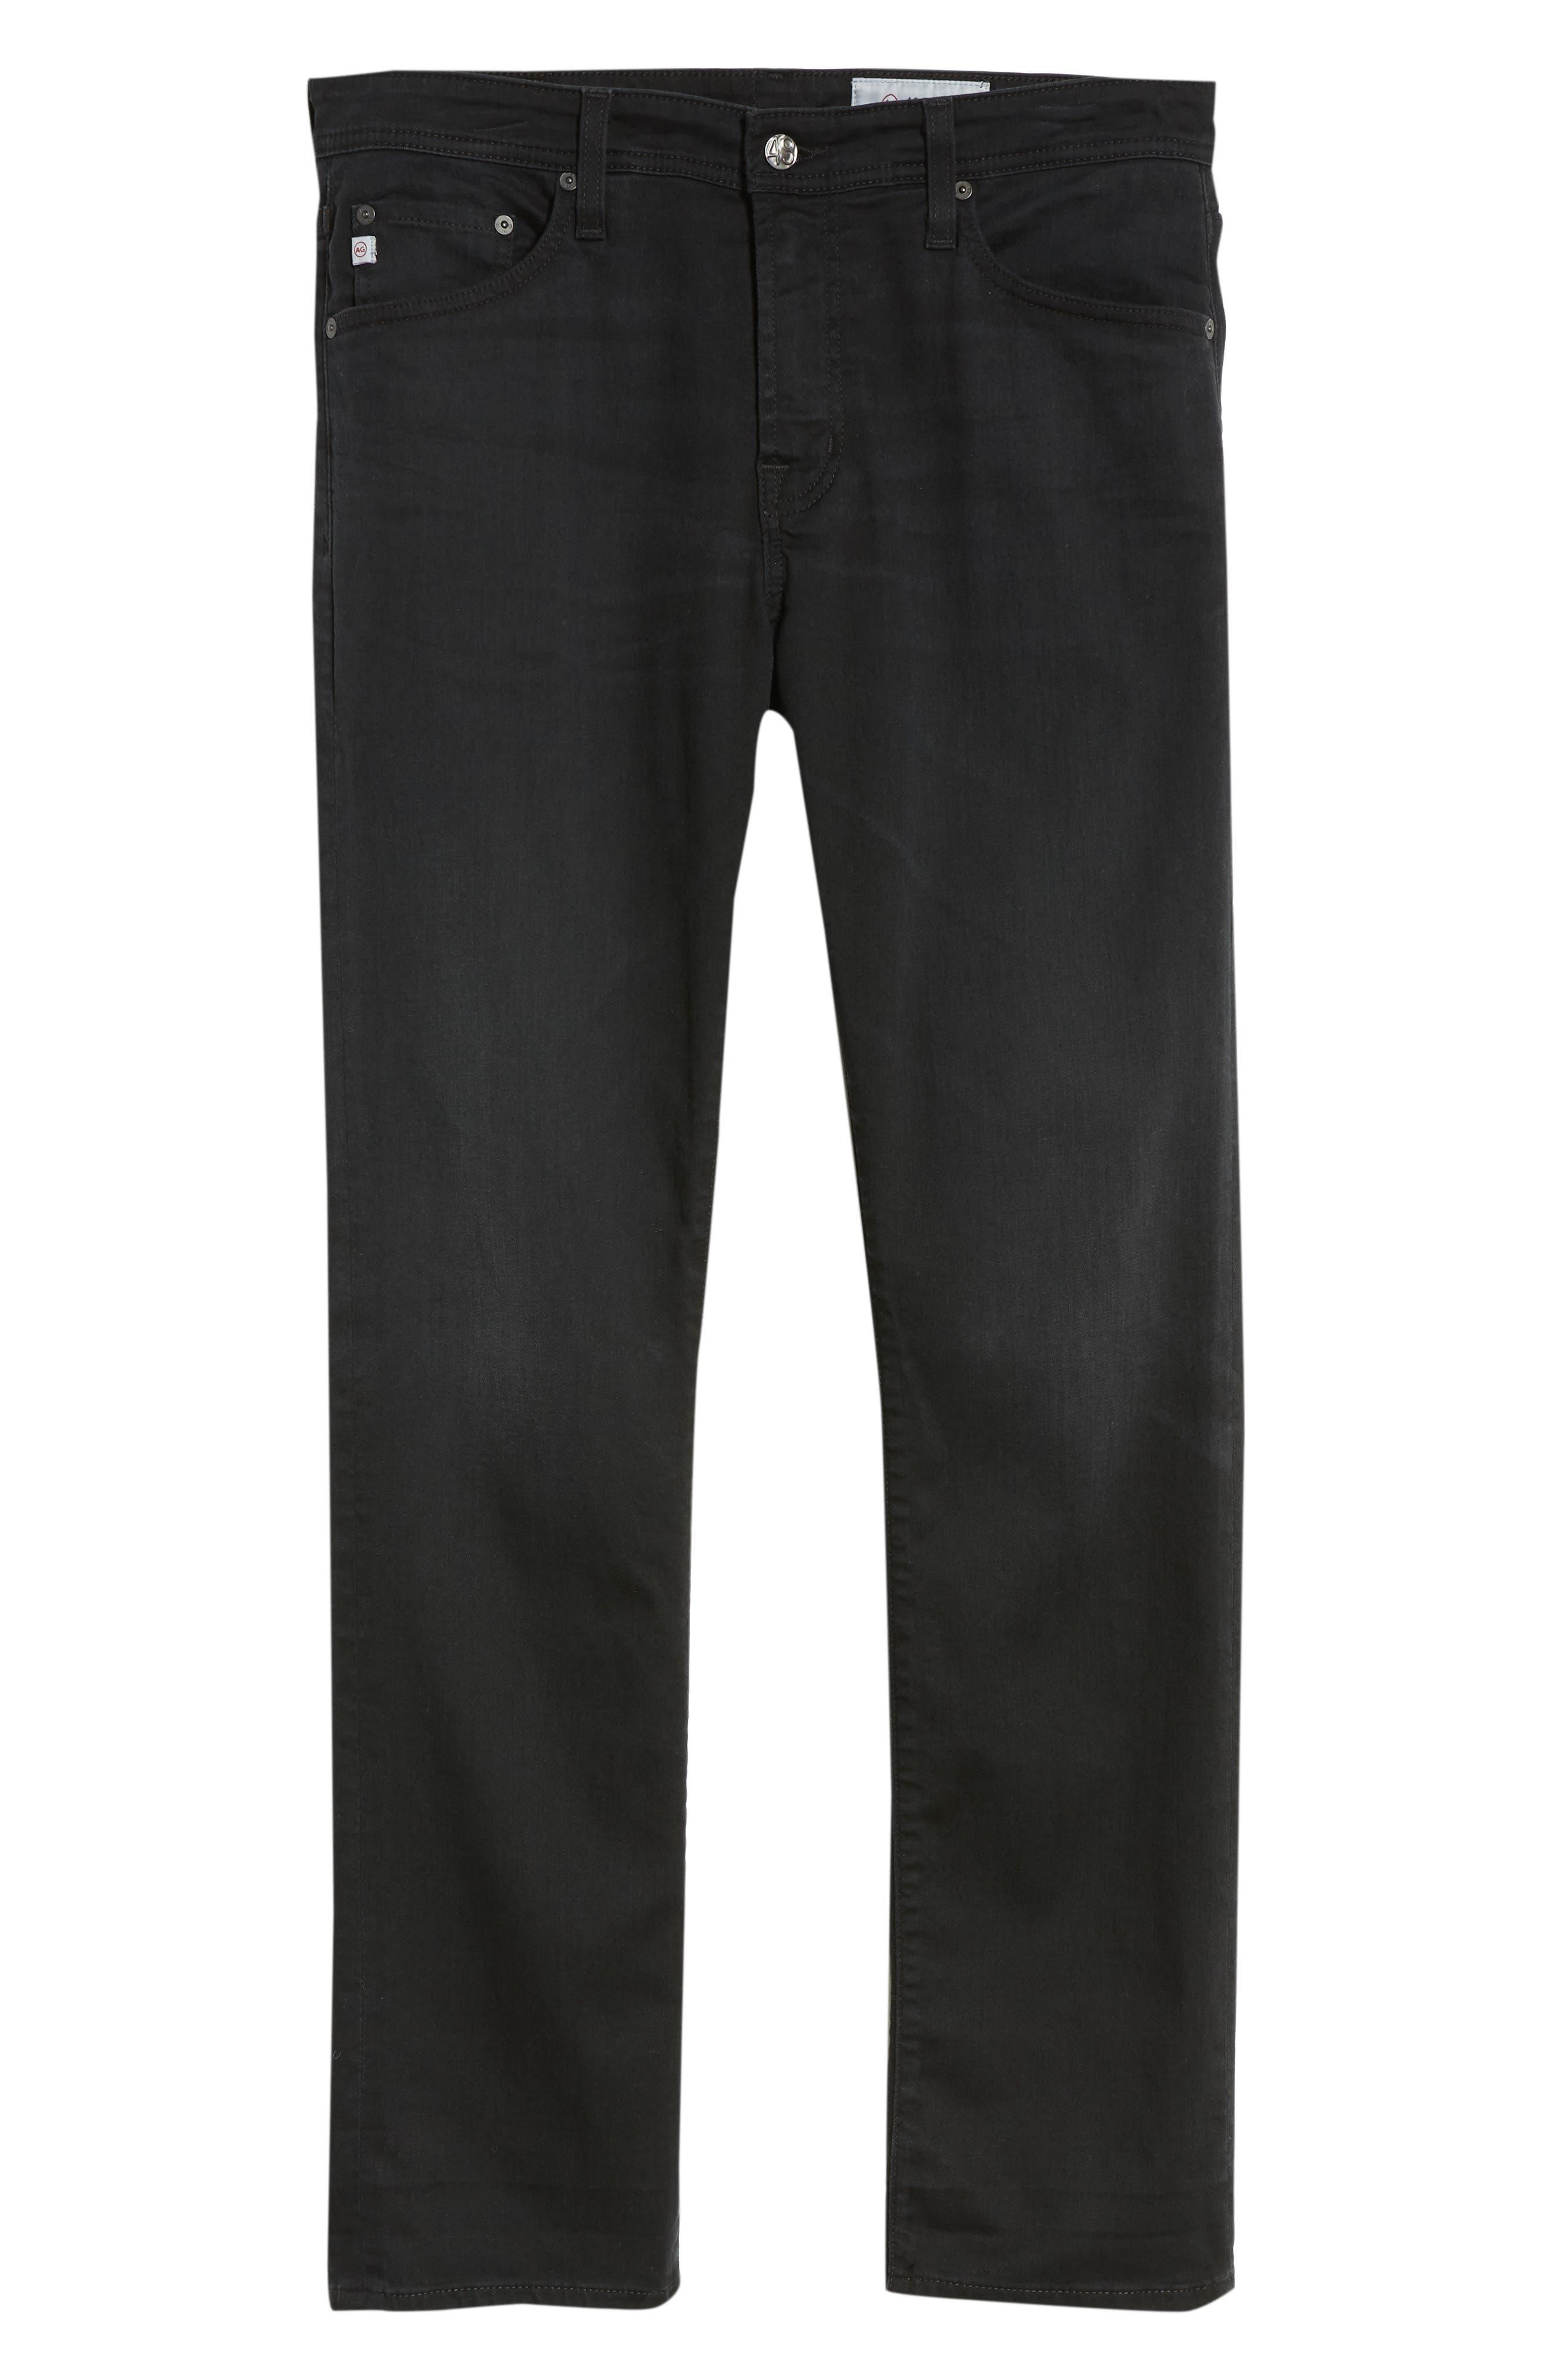 Everett Slim Straight Leg Jeans,                             Alternate thumbnail 6, color,                             001